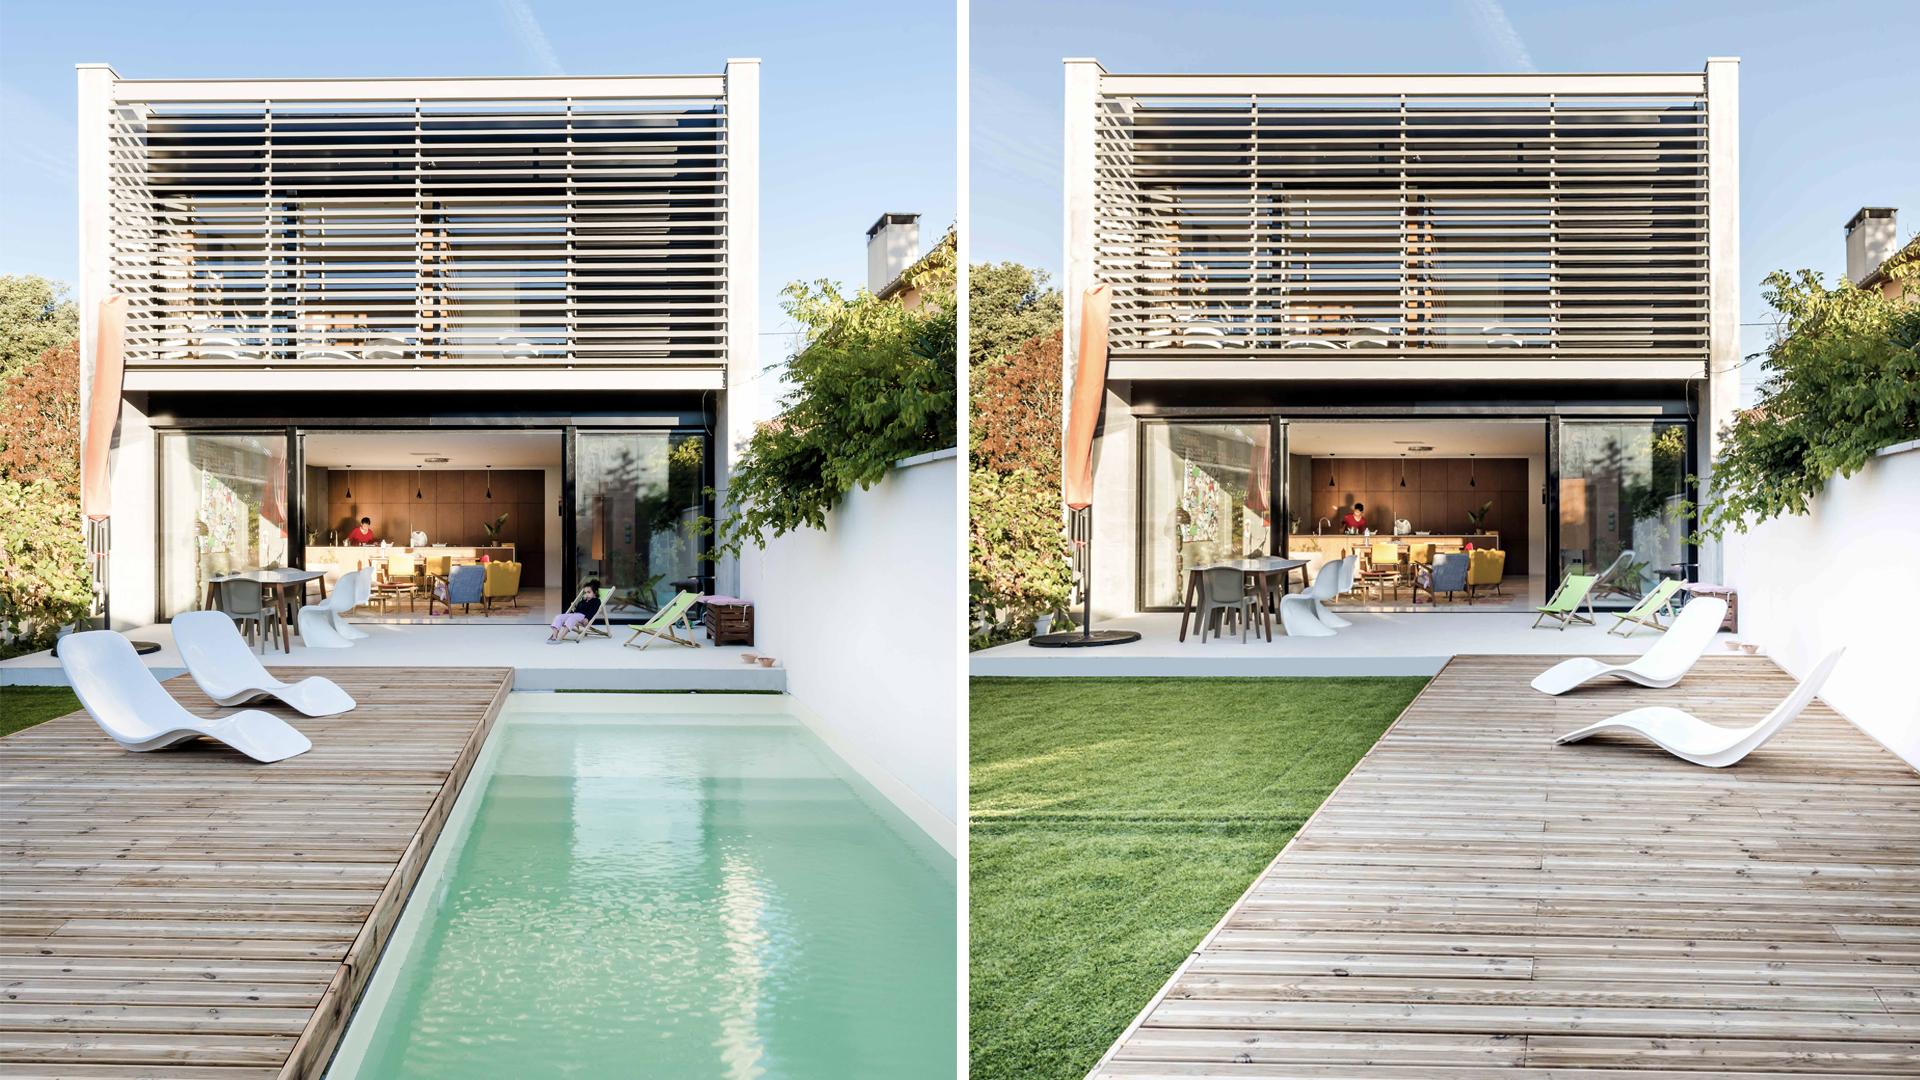 08-Seuil-Architecture-Villa-Métissé-crédit-Ph.-Stéphane-Brugidou